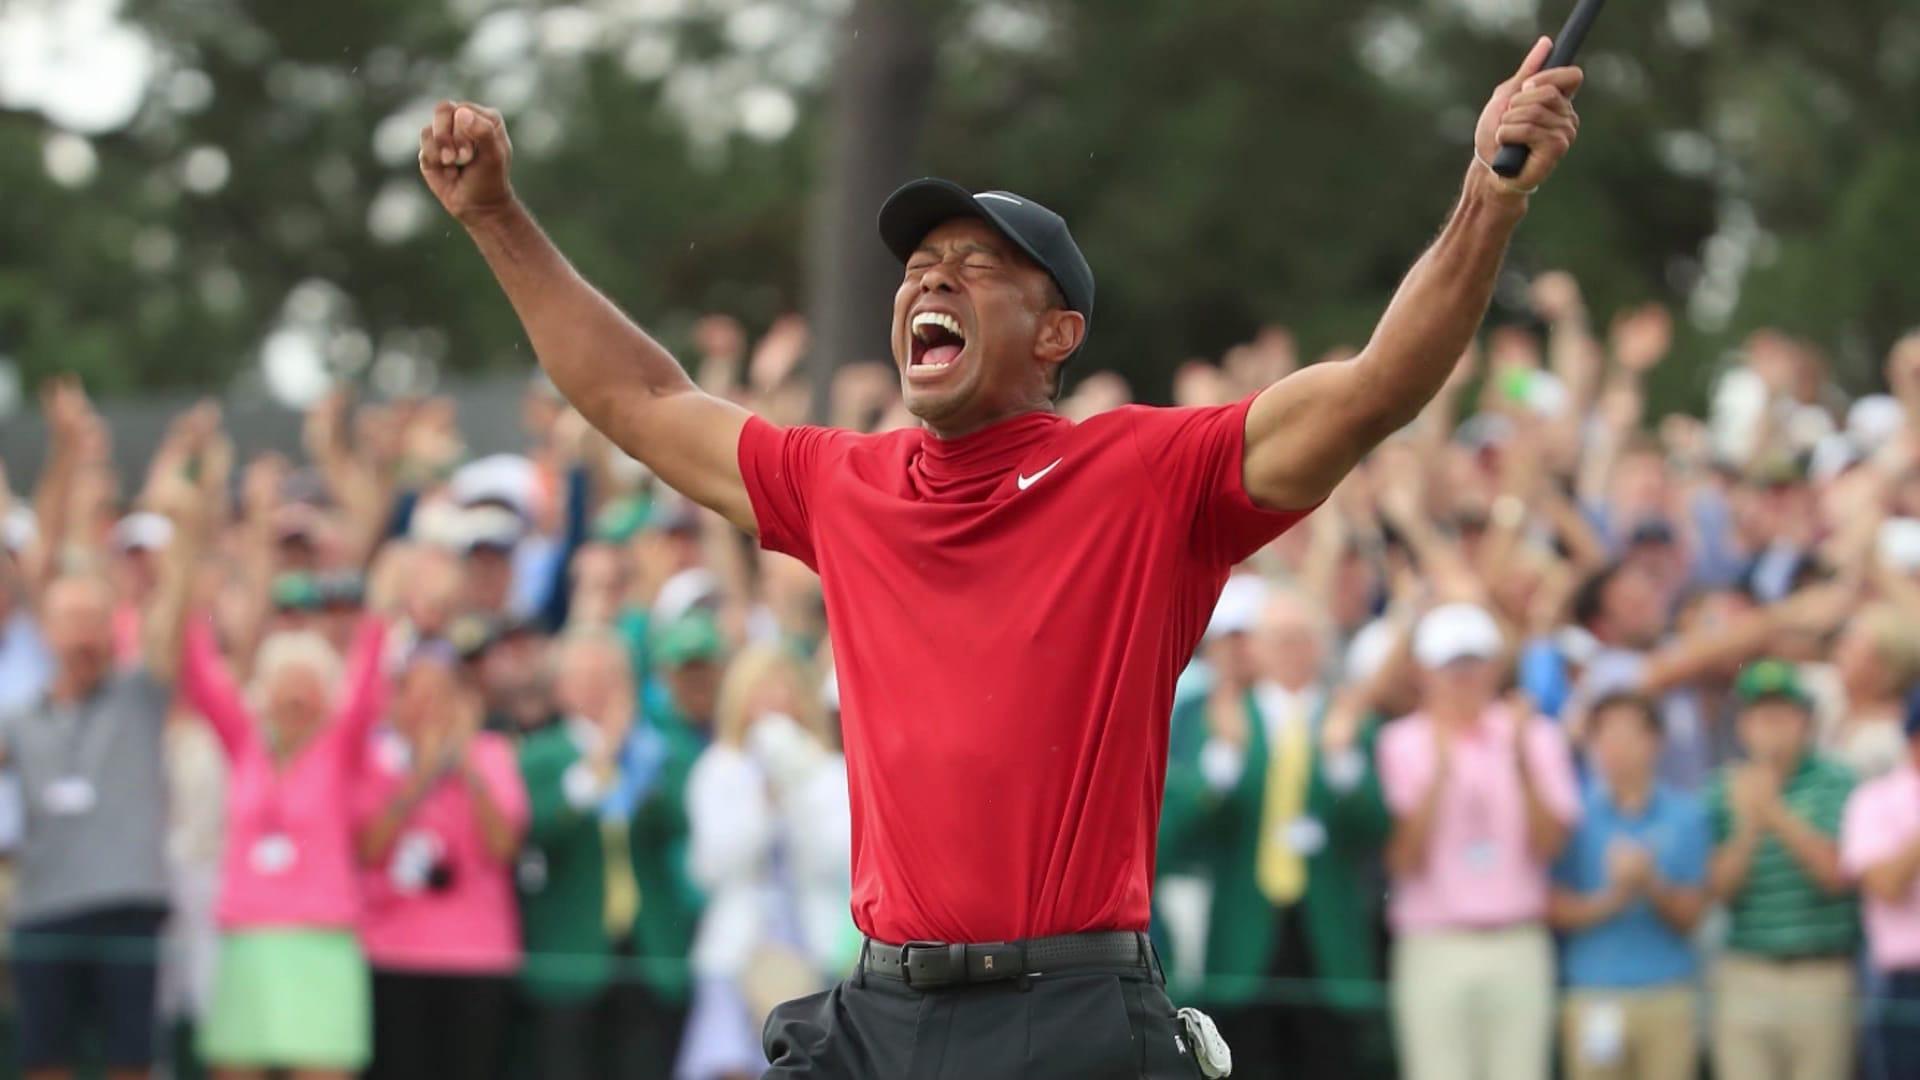 تايغر وودز.. نظرة على انتصارات ومحن نجم الغولف العالمي